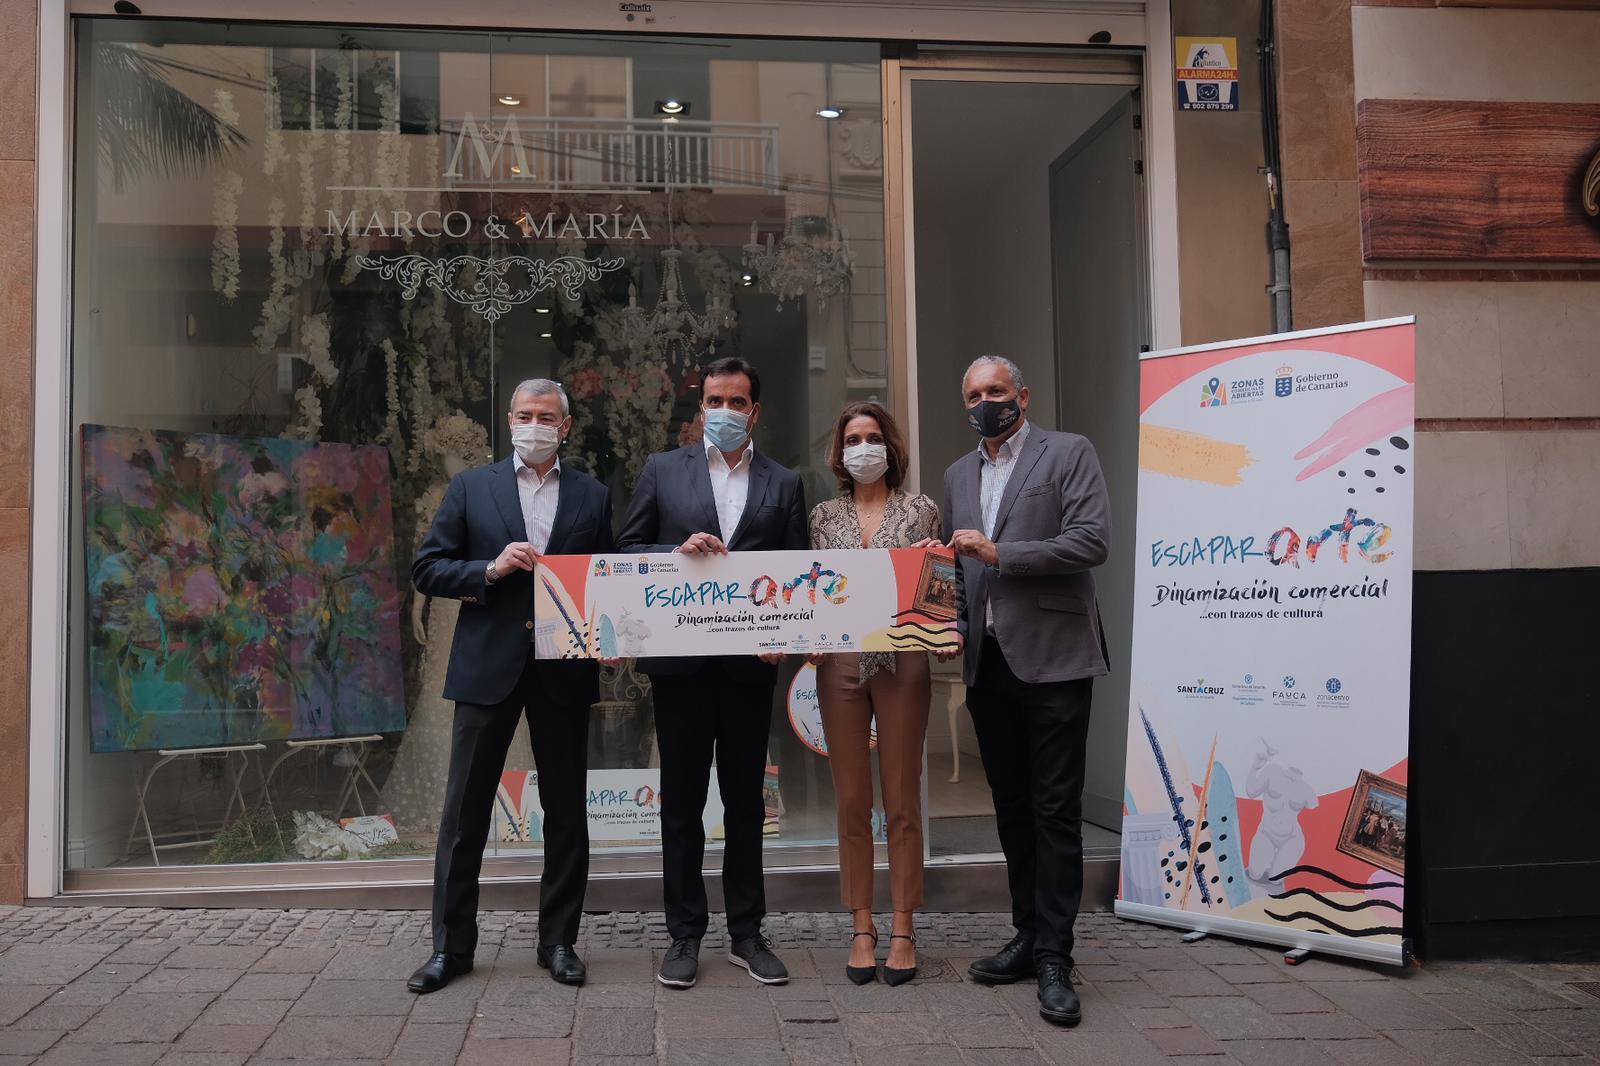 Comercio dinamiza el centro de Santa Cruz convirtiendo los escaparates en salas de arte e impulsando el consumo